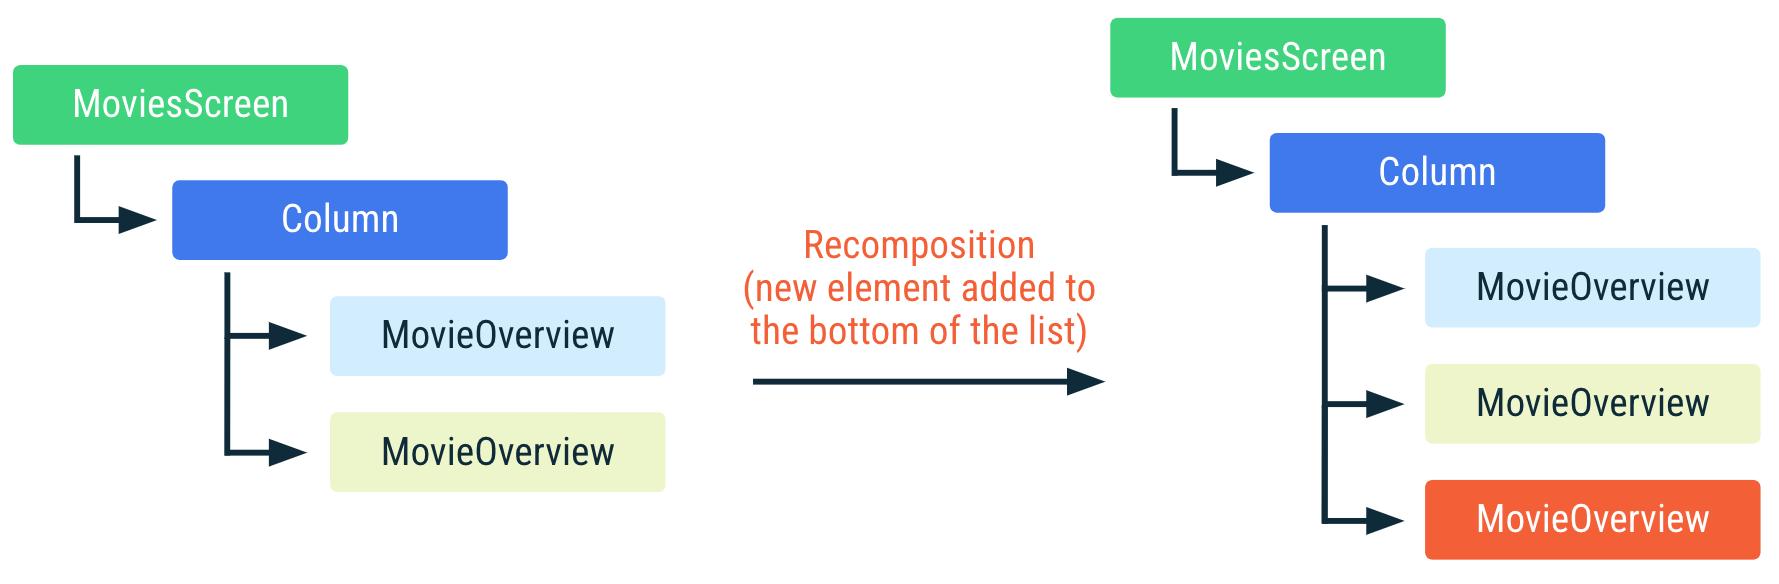 Diagrama que muestra cómo se recompone el código anterior si se agrega un elemento nuevo al final de la lista. Los otros elementos de la lista no cambiaron de posición y no se vuelven a componer.